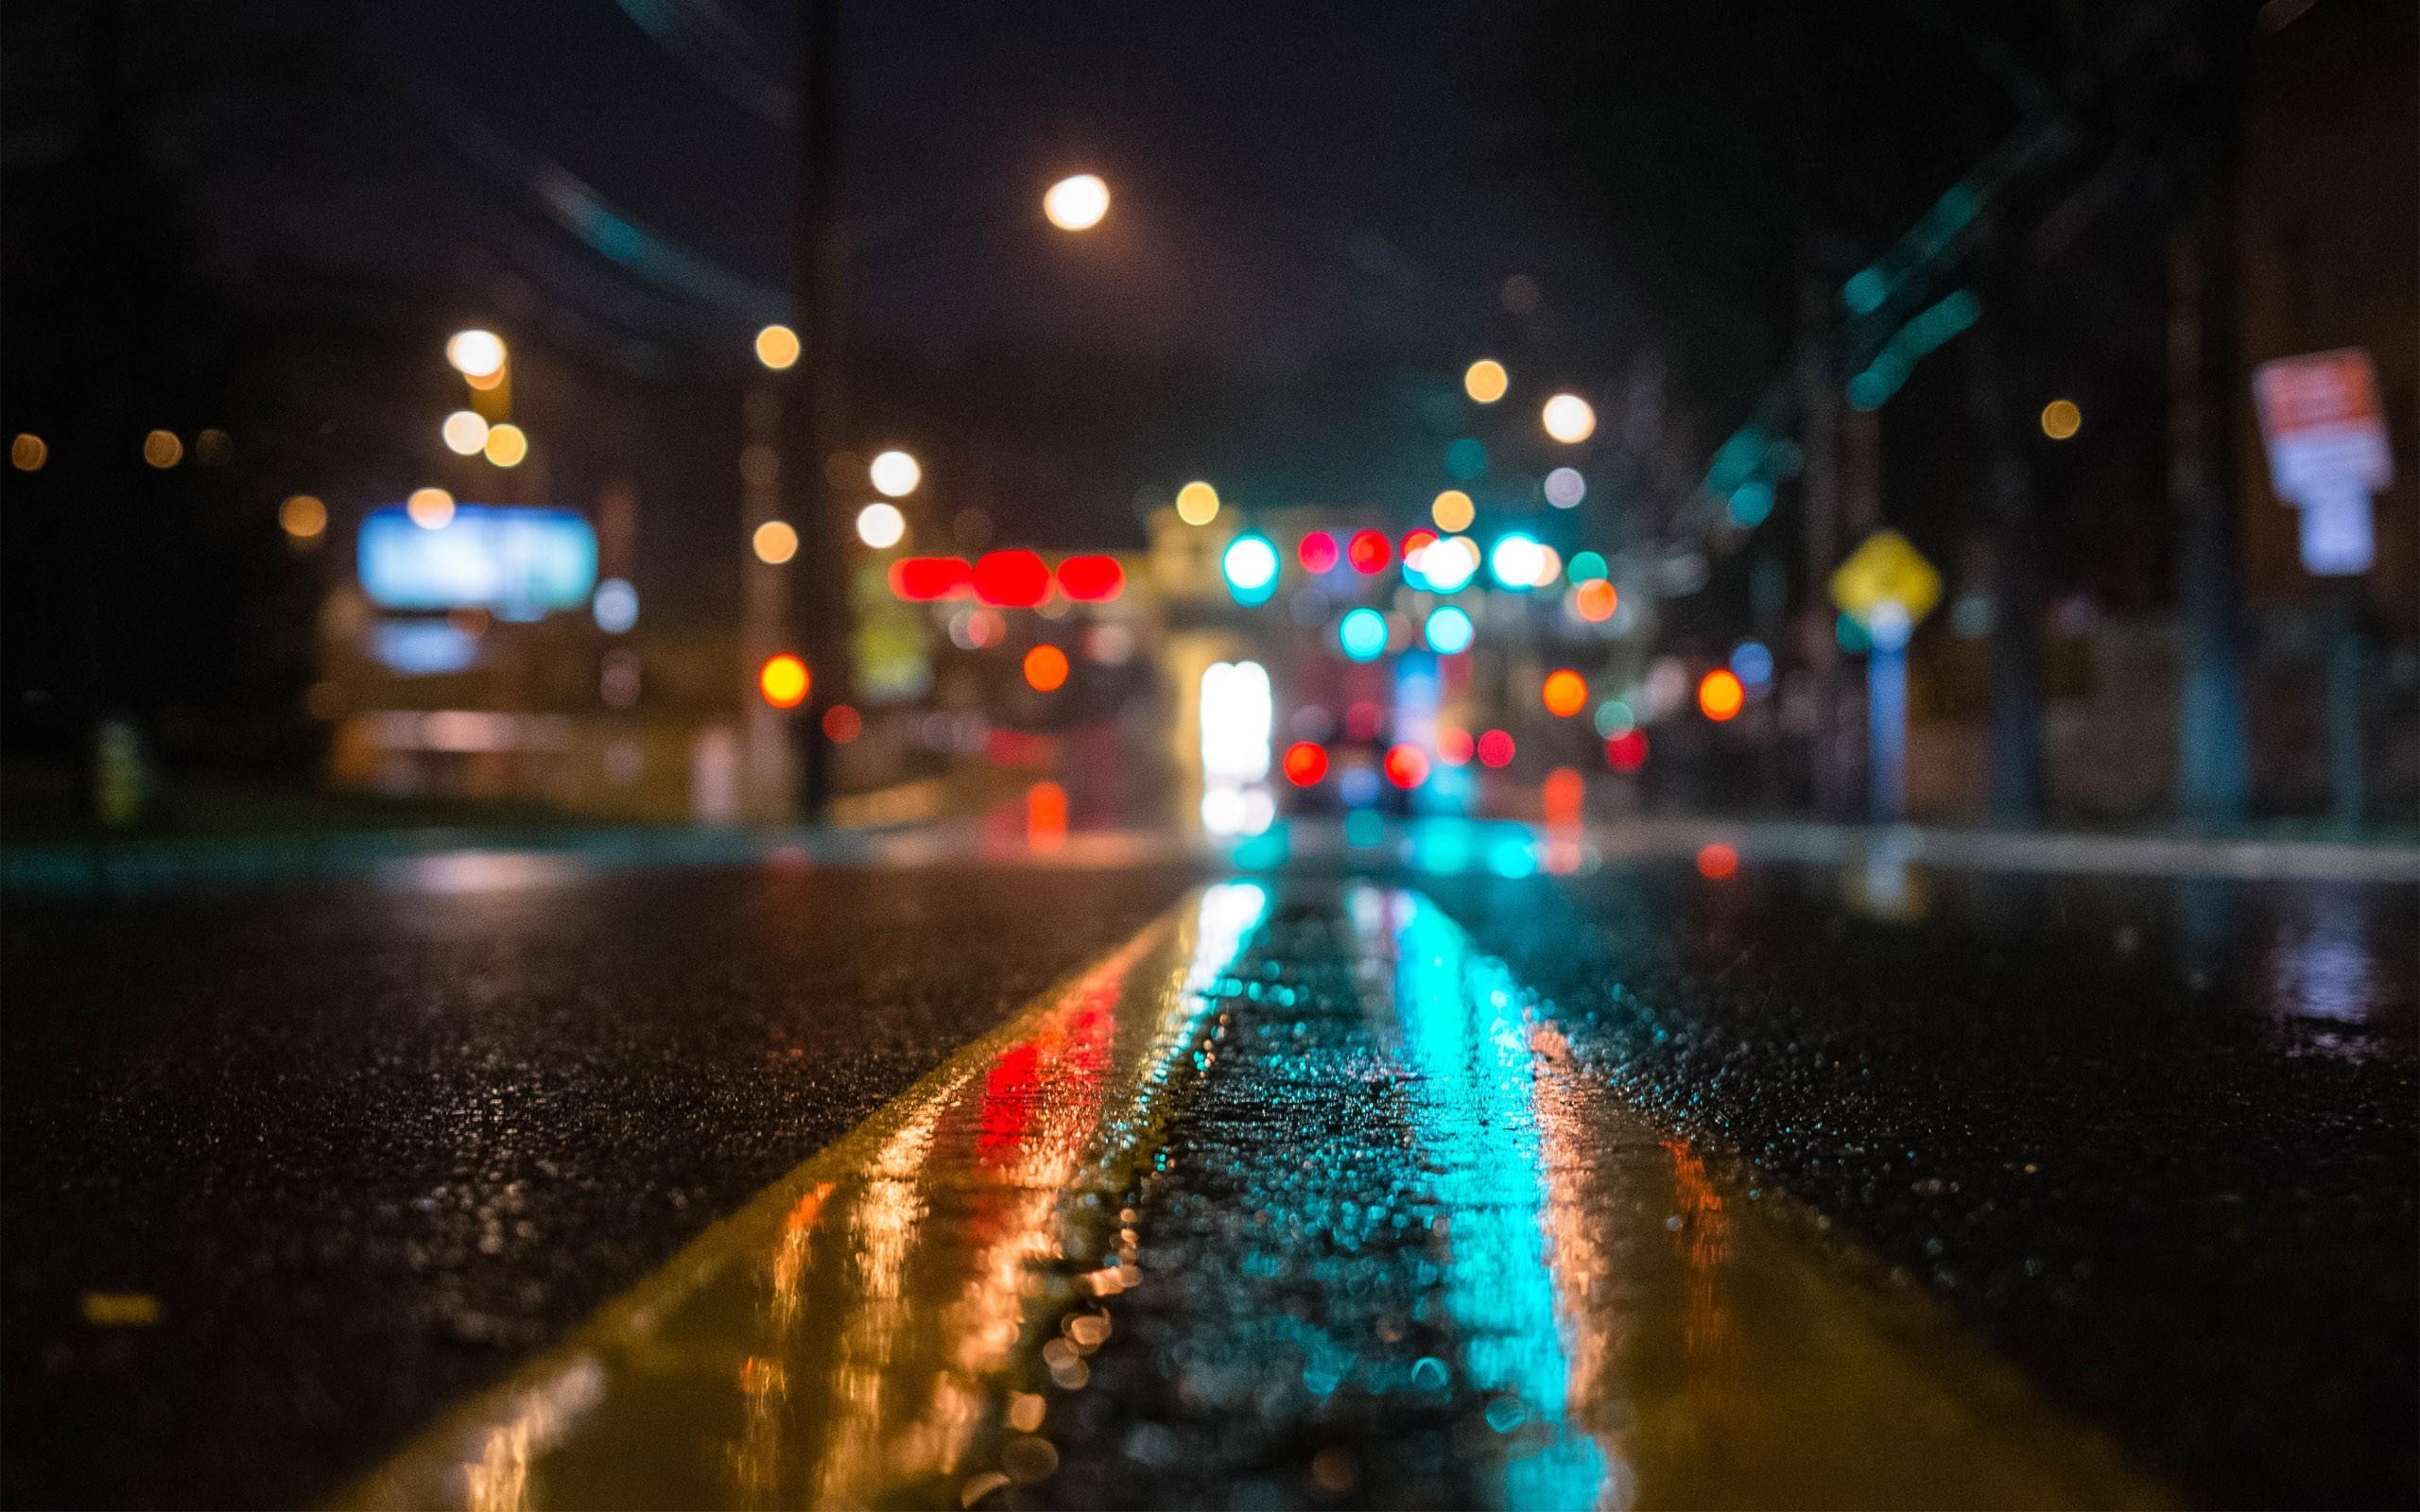 雨后夜晚的街道圖片